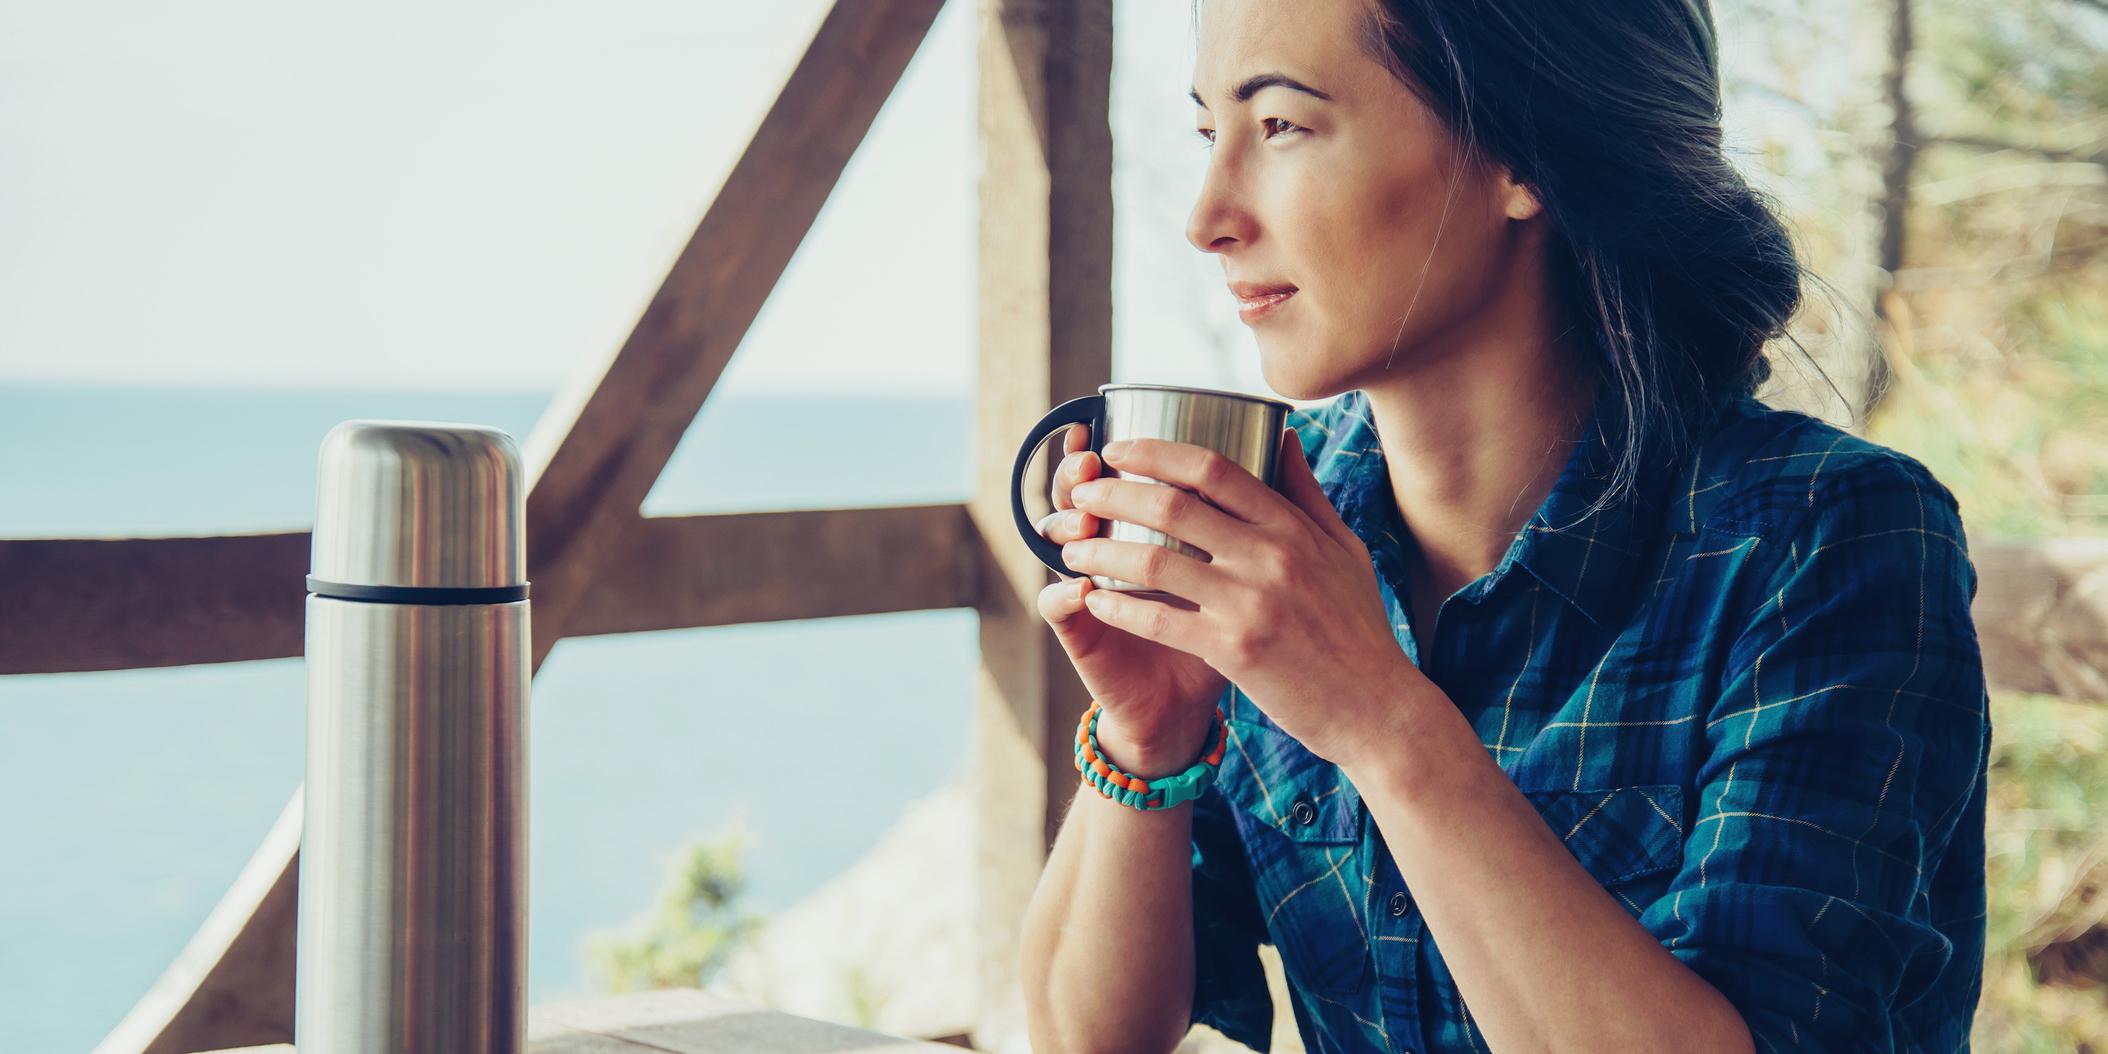 Купить термос для чая и еды в Домодедово, Москве, Обнинске, Калуге